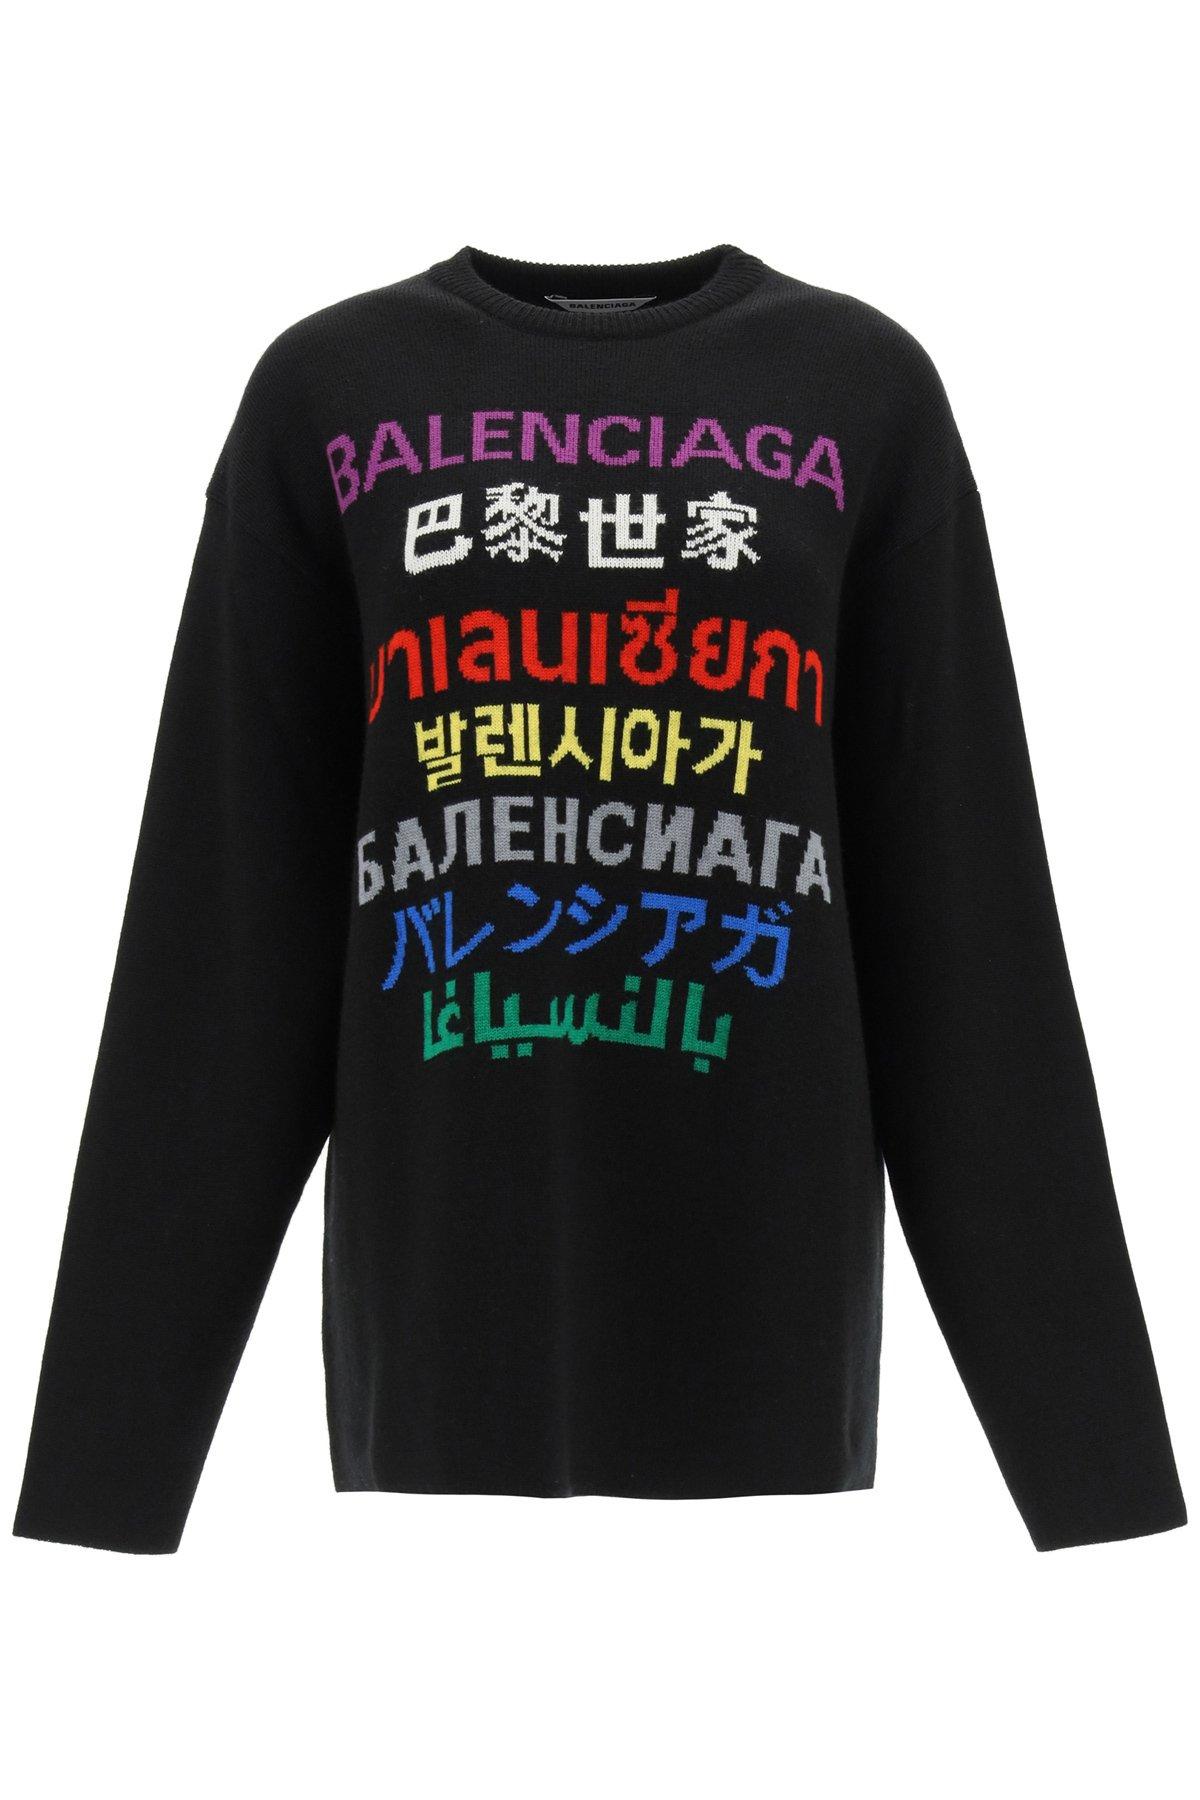 Balenciaga pullover languages multicolor